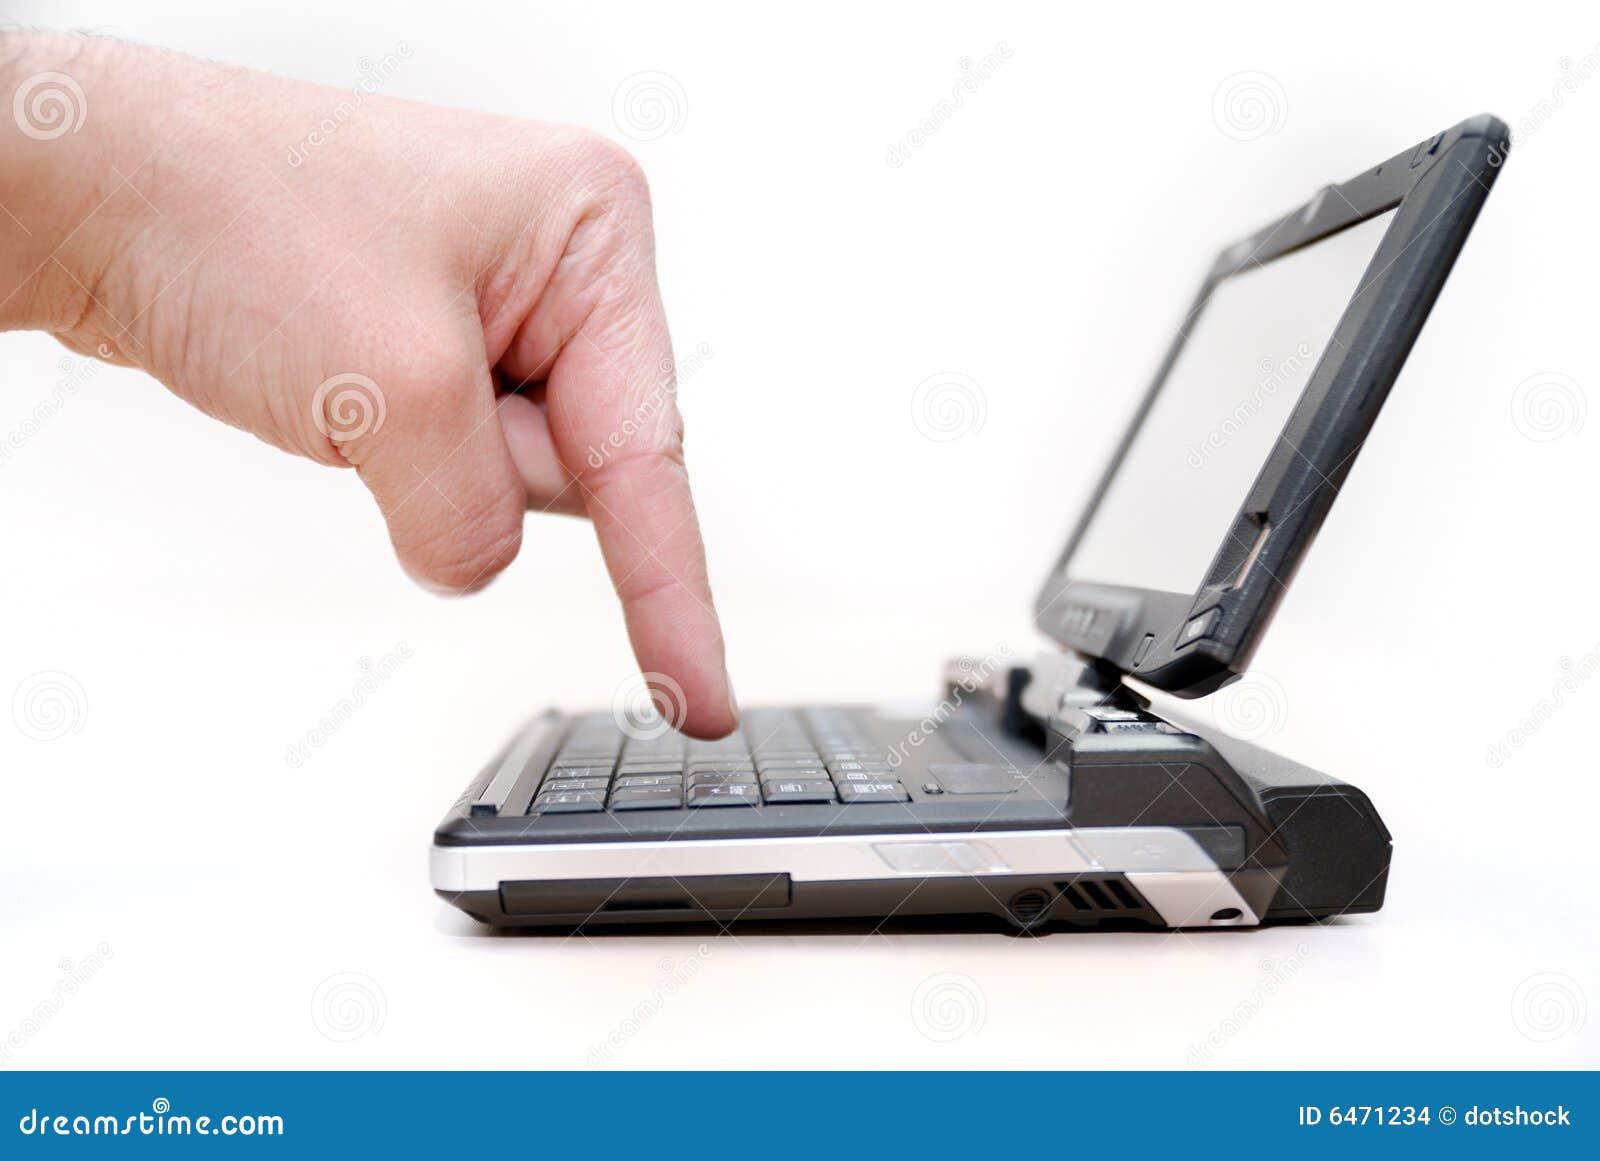 Mały laptop może być